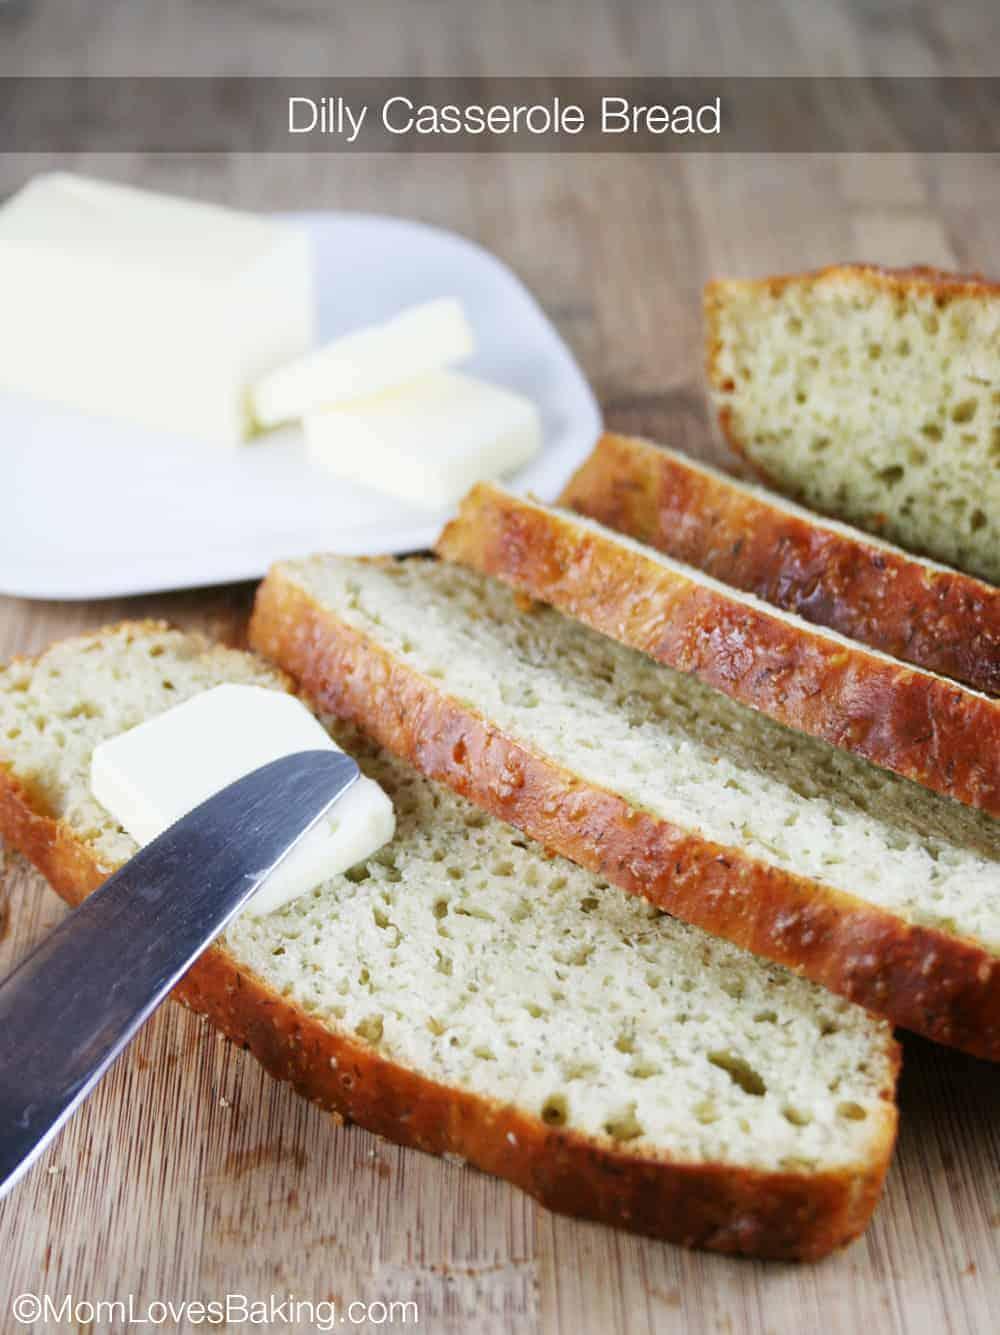 Breaderle Dilly Casserole Bread